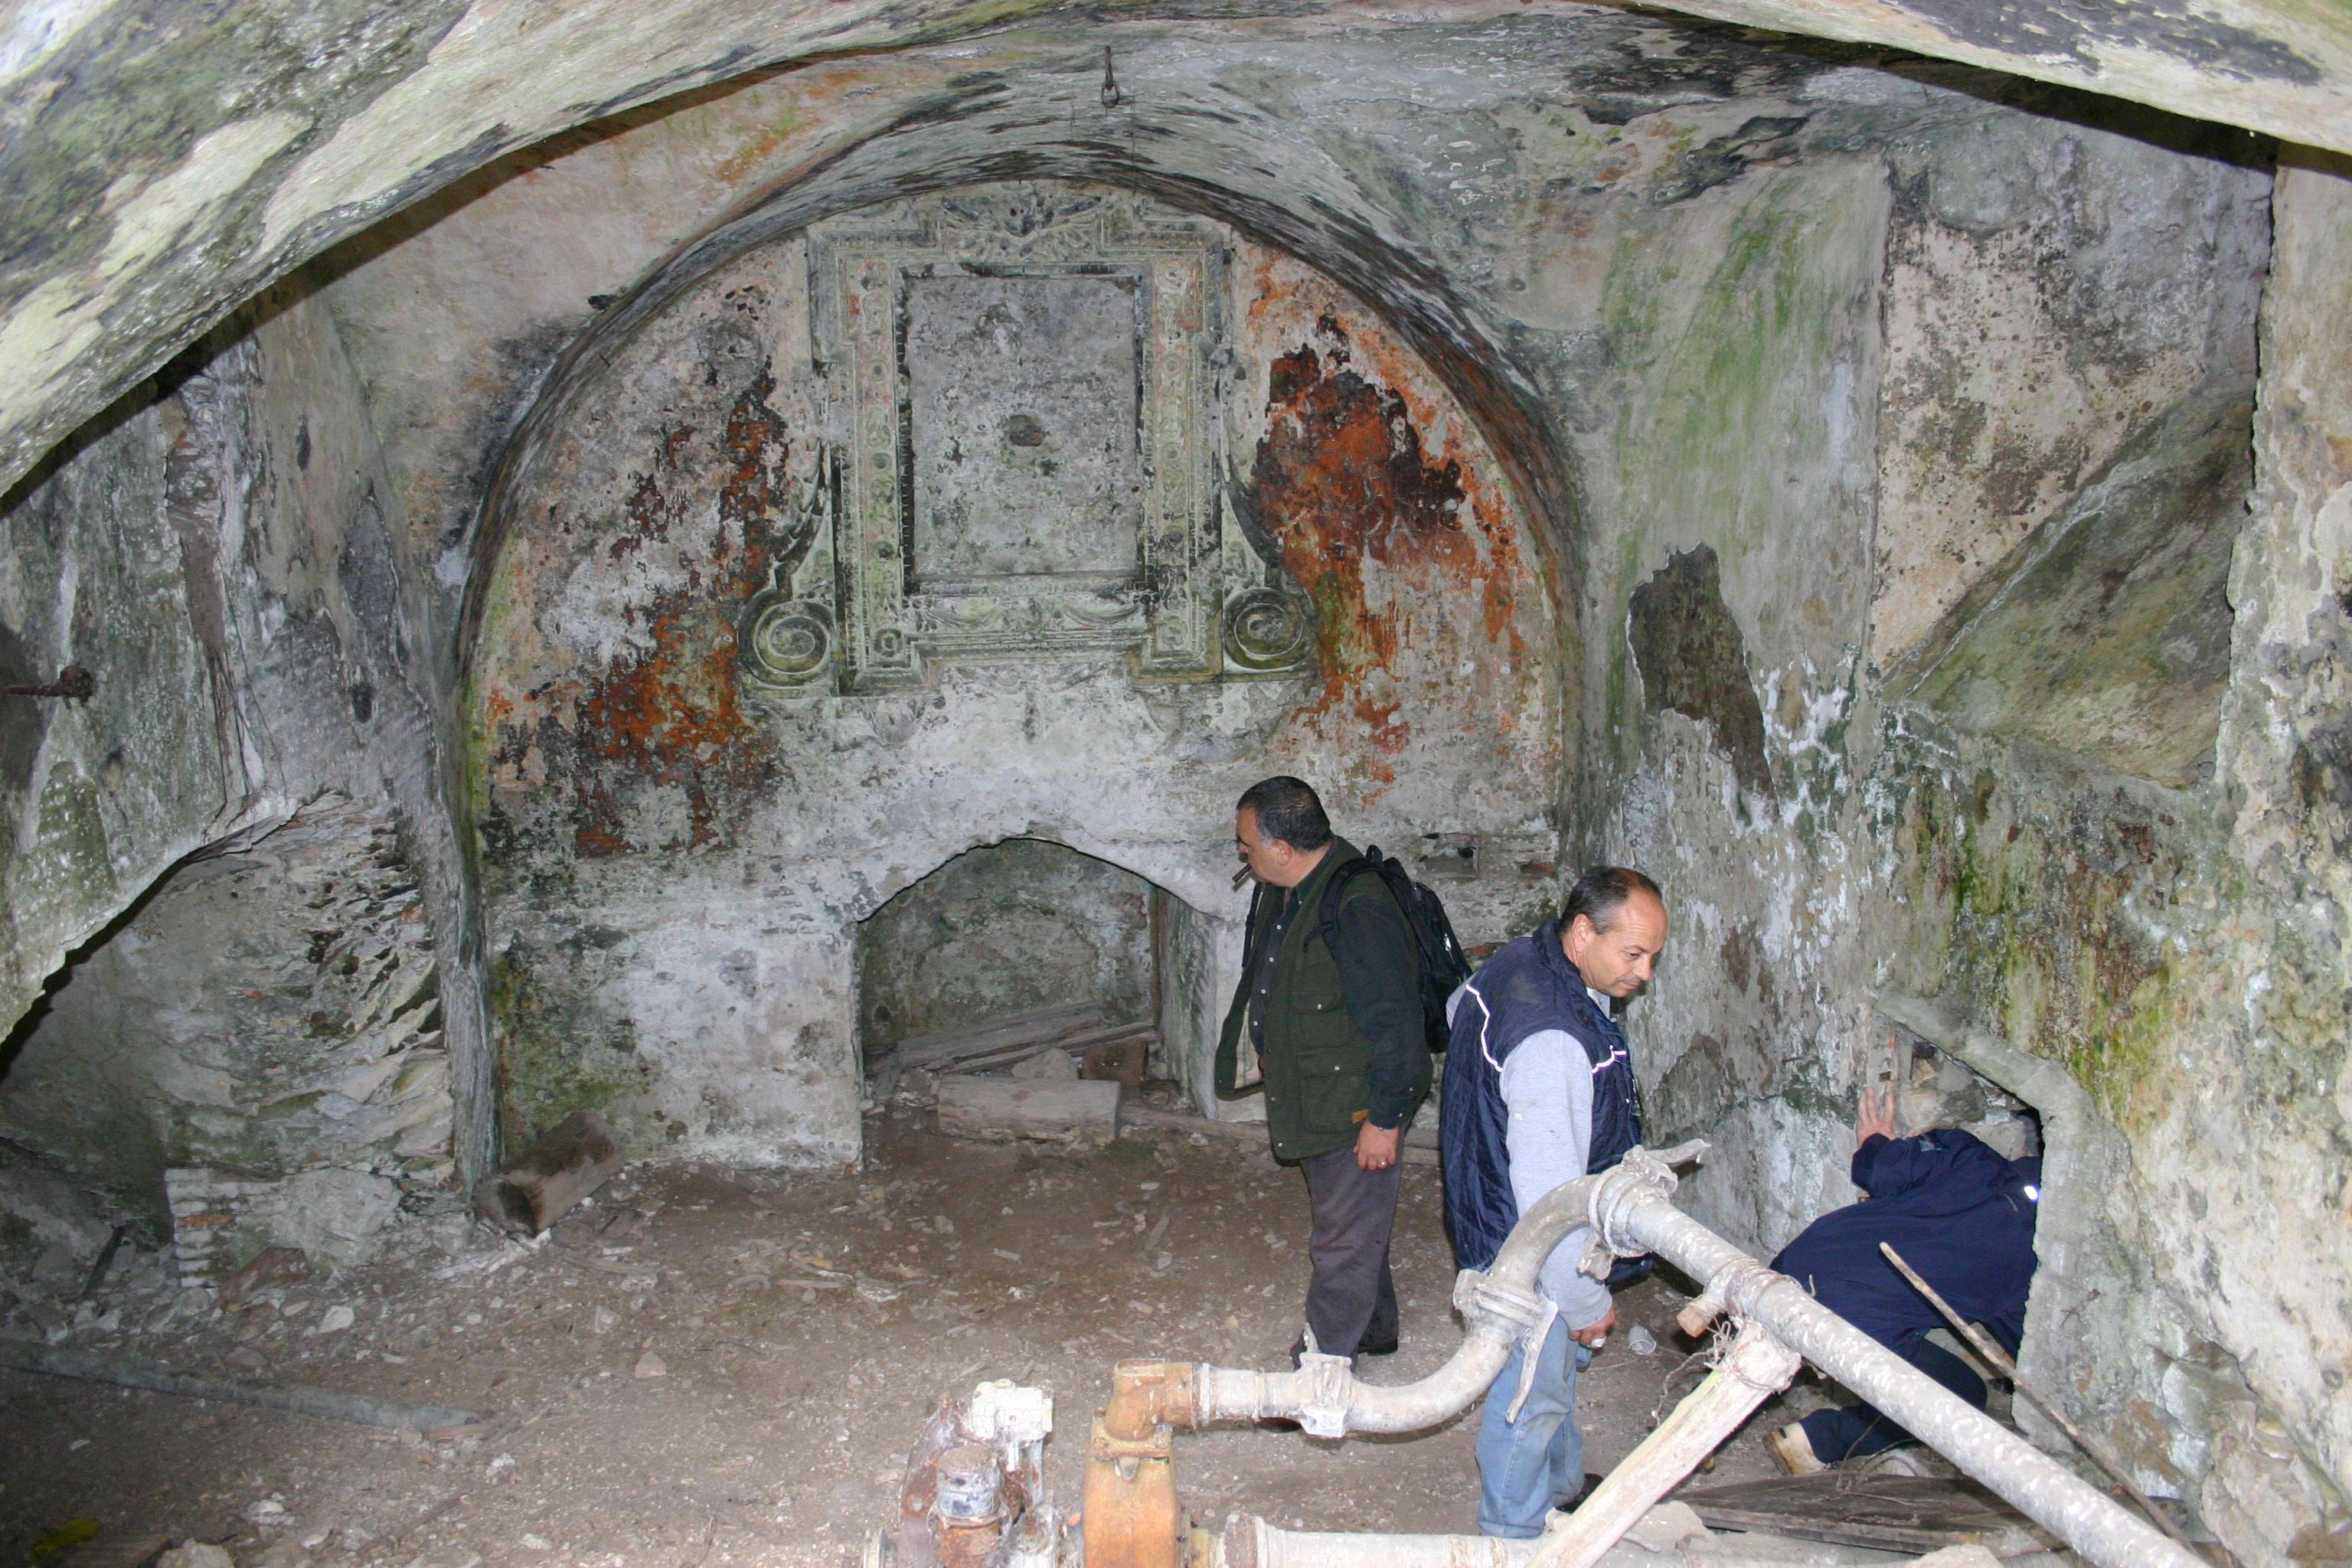 Church of Santa Maria Della Fiora / Source of the Ancient Aqua Traiana Aqueduct